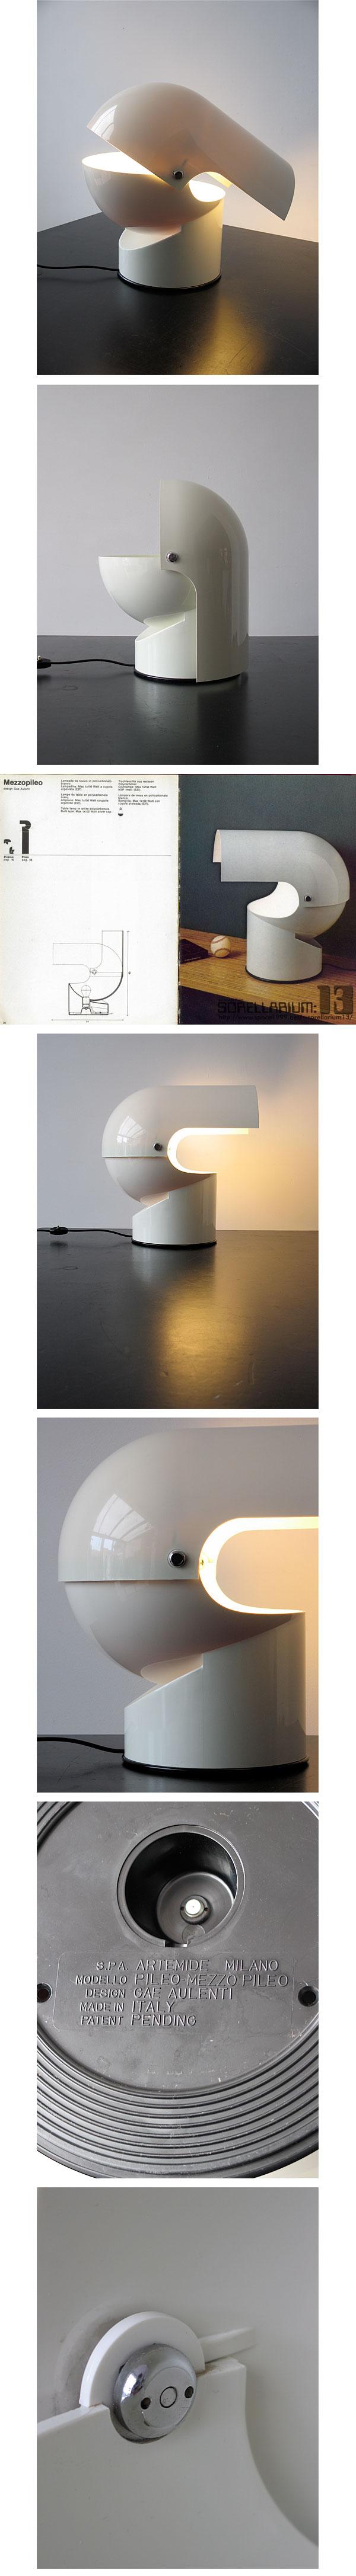 Mezzopileo, Pileino, Gae Aulenti, Artemide, 1972, space1999, wright20